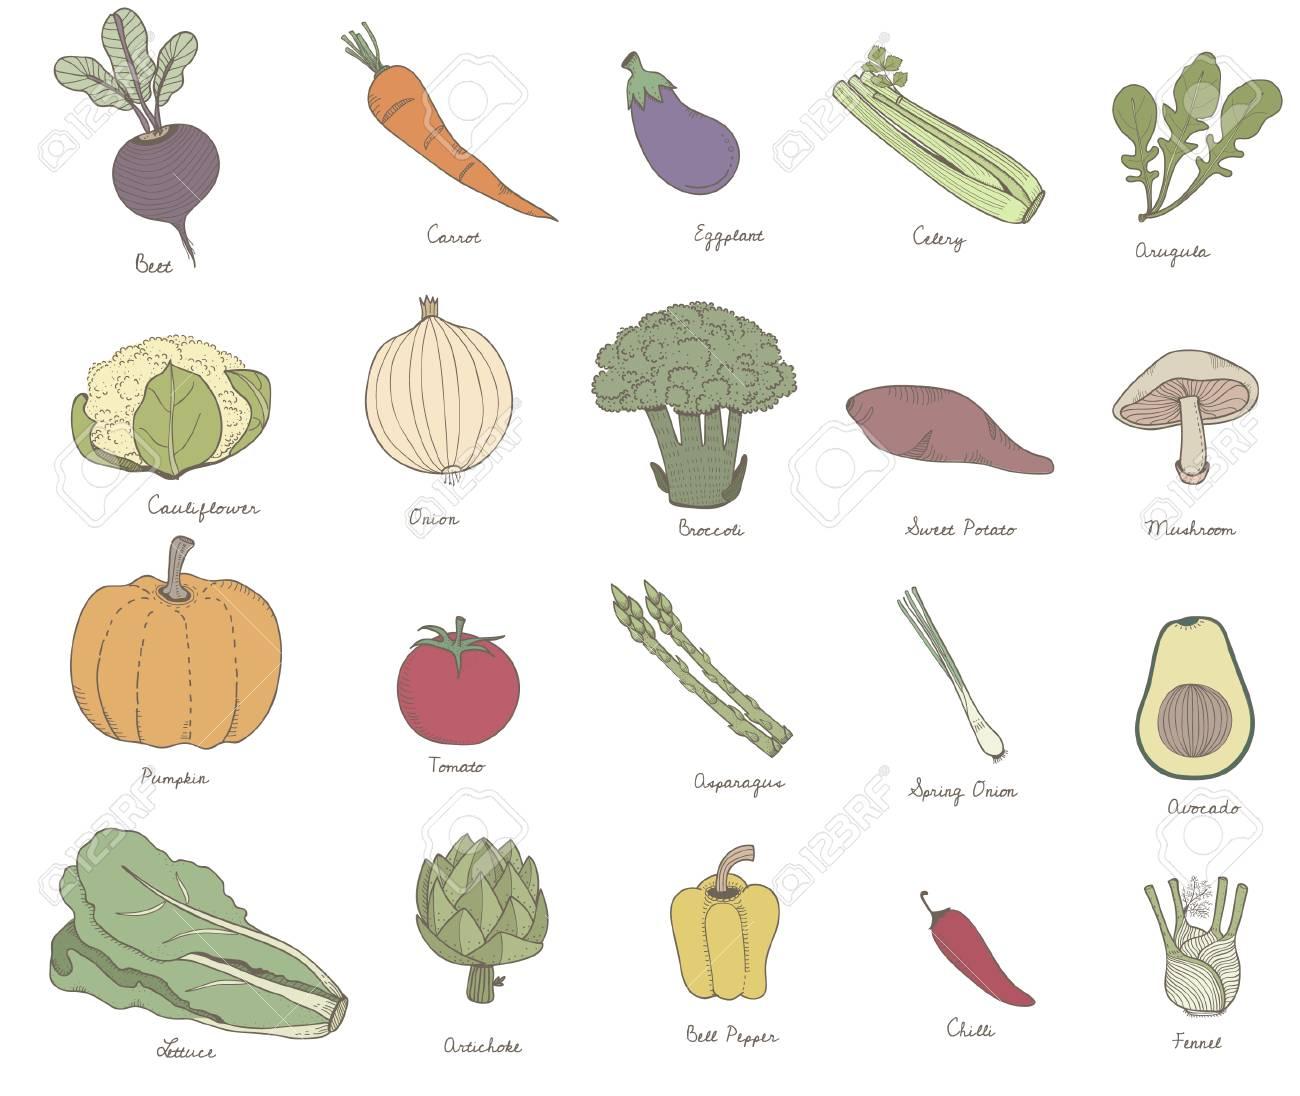 Ilustración De Diferentes Tipos De Vegetales Fotos Retratos Imágenes Y Fotografía De Archivo Libres De Derecho Image 95975044